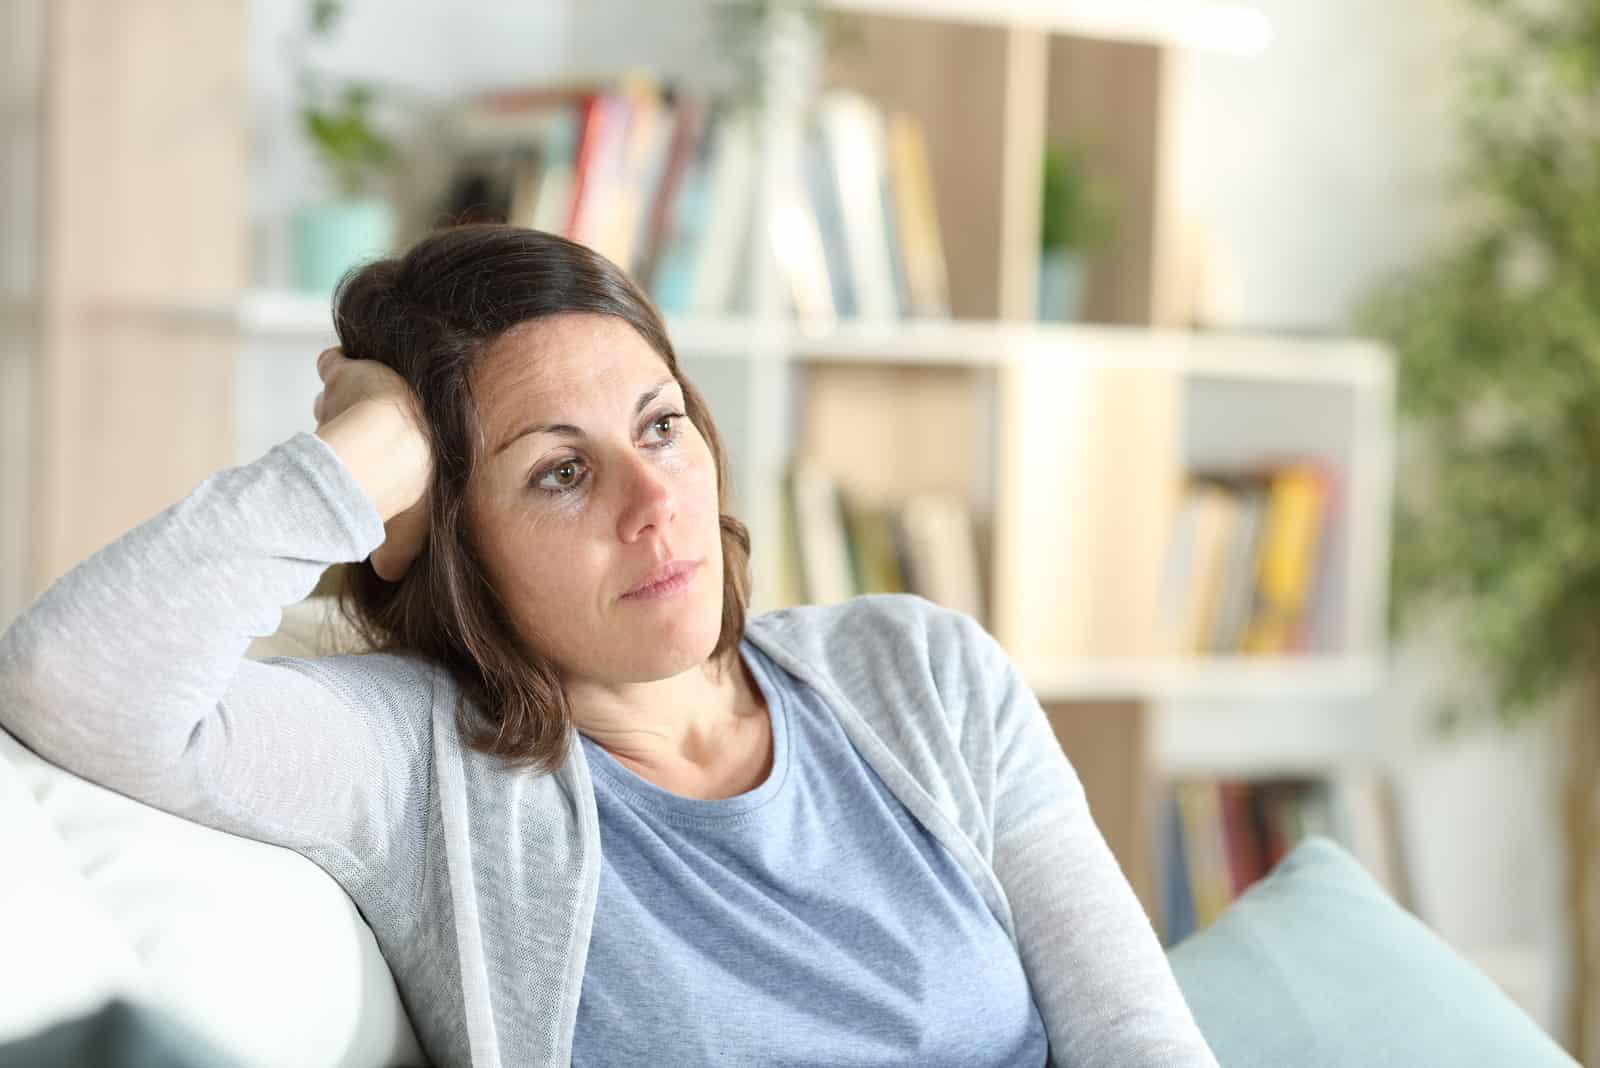 Nachdenkliche erwachsene Frau denkt weg schauend